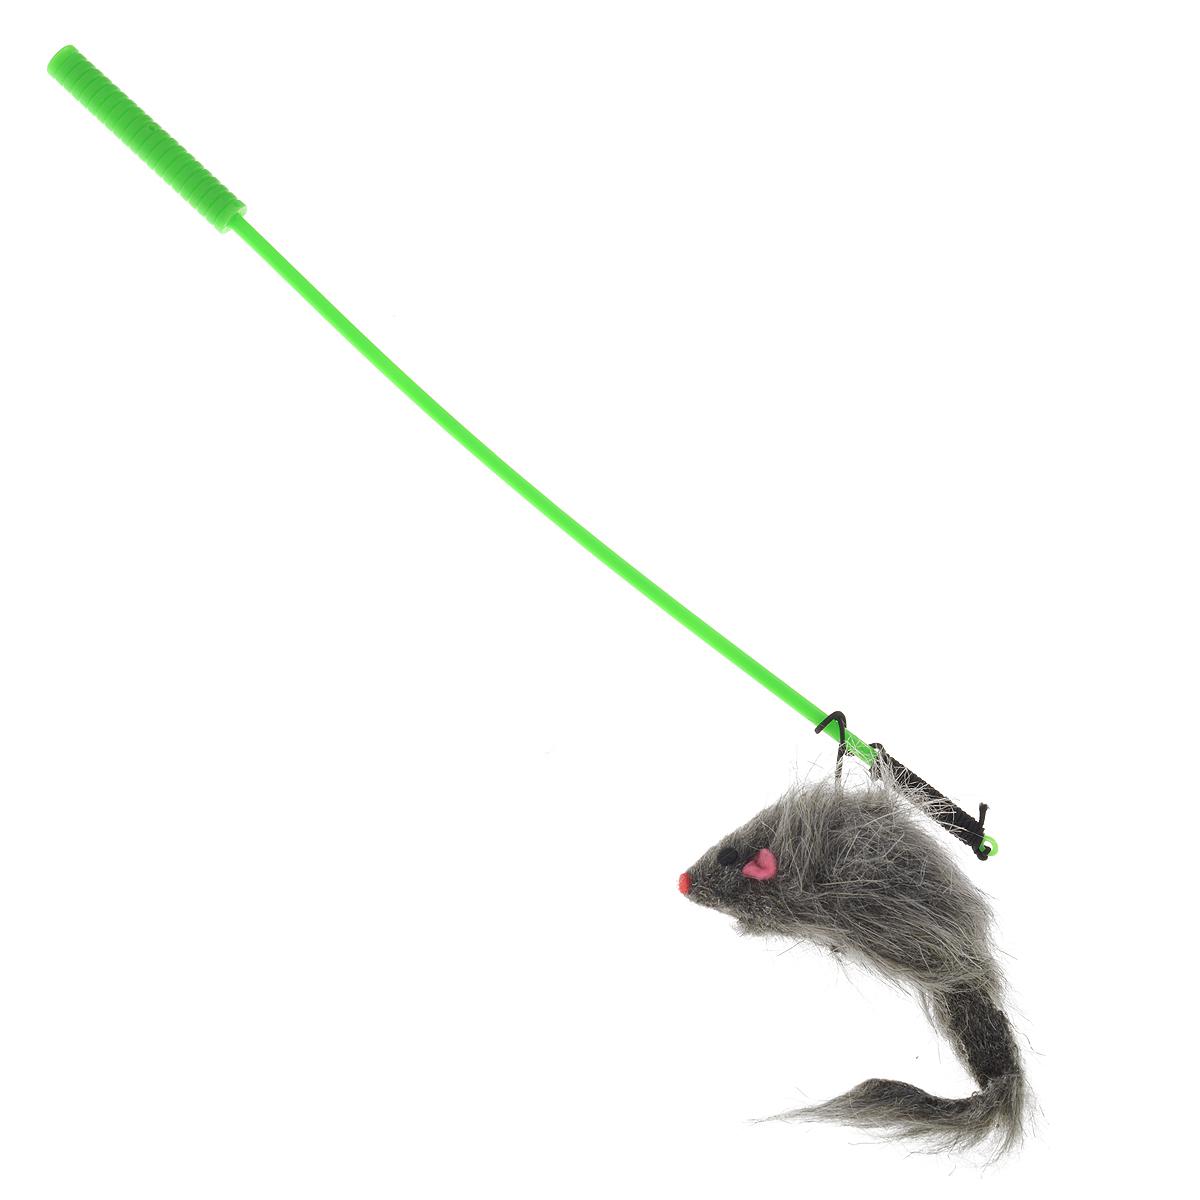 Игрушка для кошек V.I.Pet Дразнилка-удочка с мышью, цвет: серый, зеленыйST-108Игрушка для кошек V.I.Pet Дразнилка-удочка с мышью, изготовленная из текстиля и пластика, прекрасно подойдет для веселых игр вашего пушистого любимца. Играя с этой забавной дразнилкой, маленькие котята развиваются физически, а взрослые кошки и коты поддерживают свой мышечный тонус. Яркая игрушка на конце удочки сразу привлечет внимание вашего любимца, не навредит здоровью, и увлечет его на долгое время. Длина удочки: 37 см. Размер игрушки: 10 см х 4 см х 3 см.